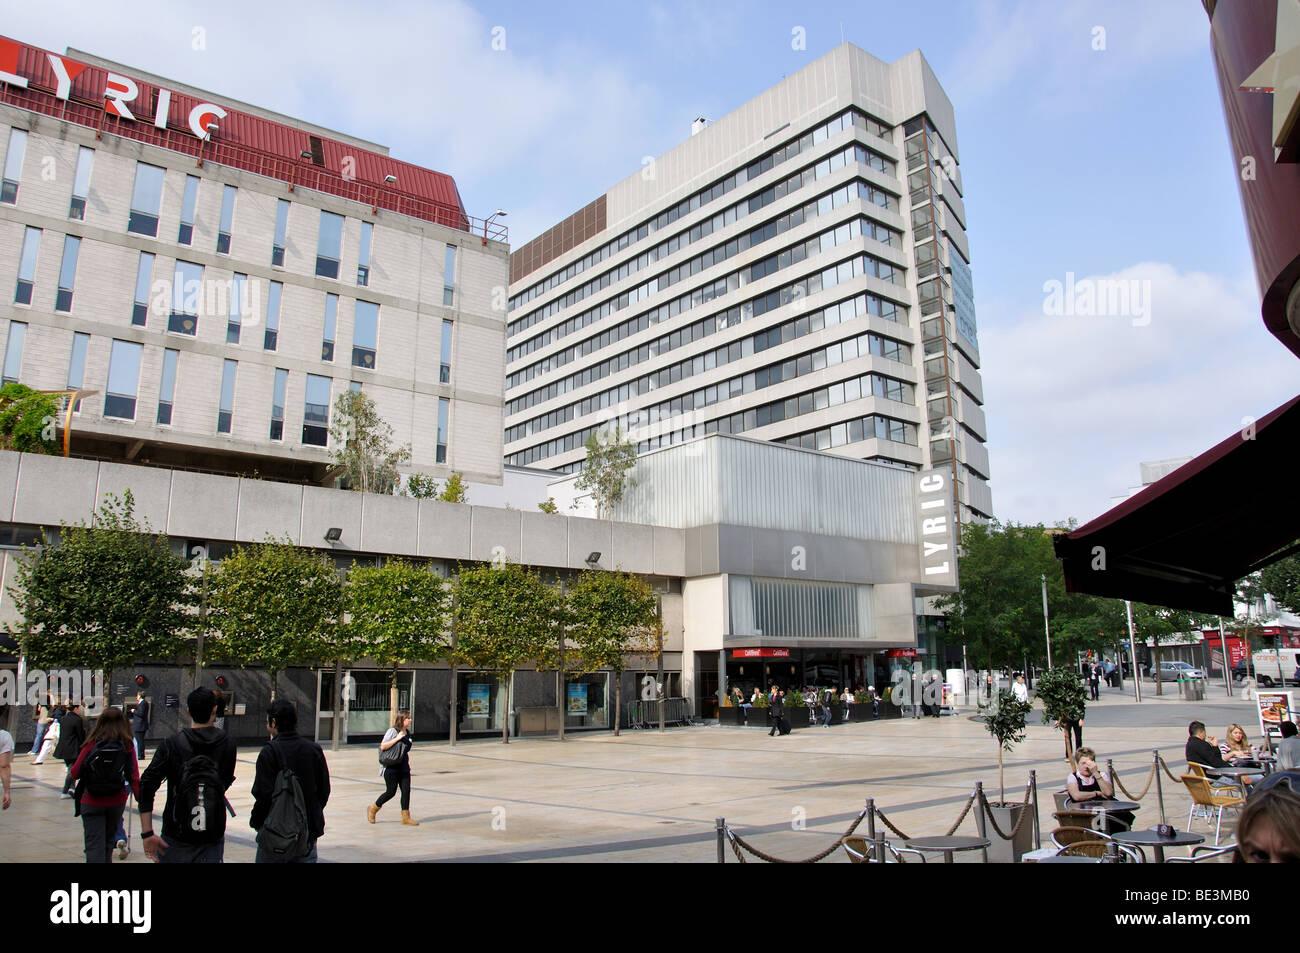 Lyric Square, Hammersmith, London Borough of Hammersmith and Fulham, London, England, United Kingdom - Stock Image